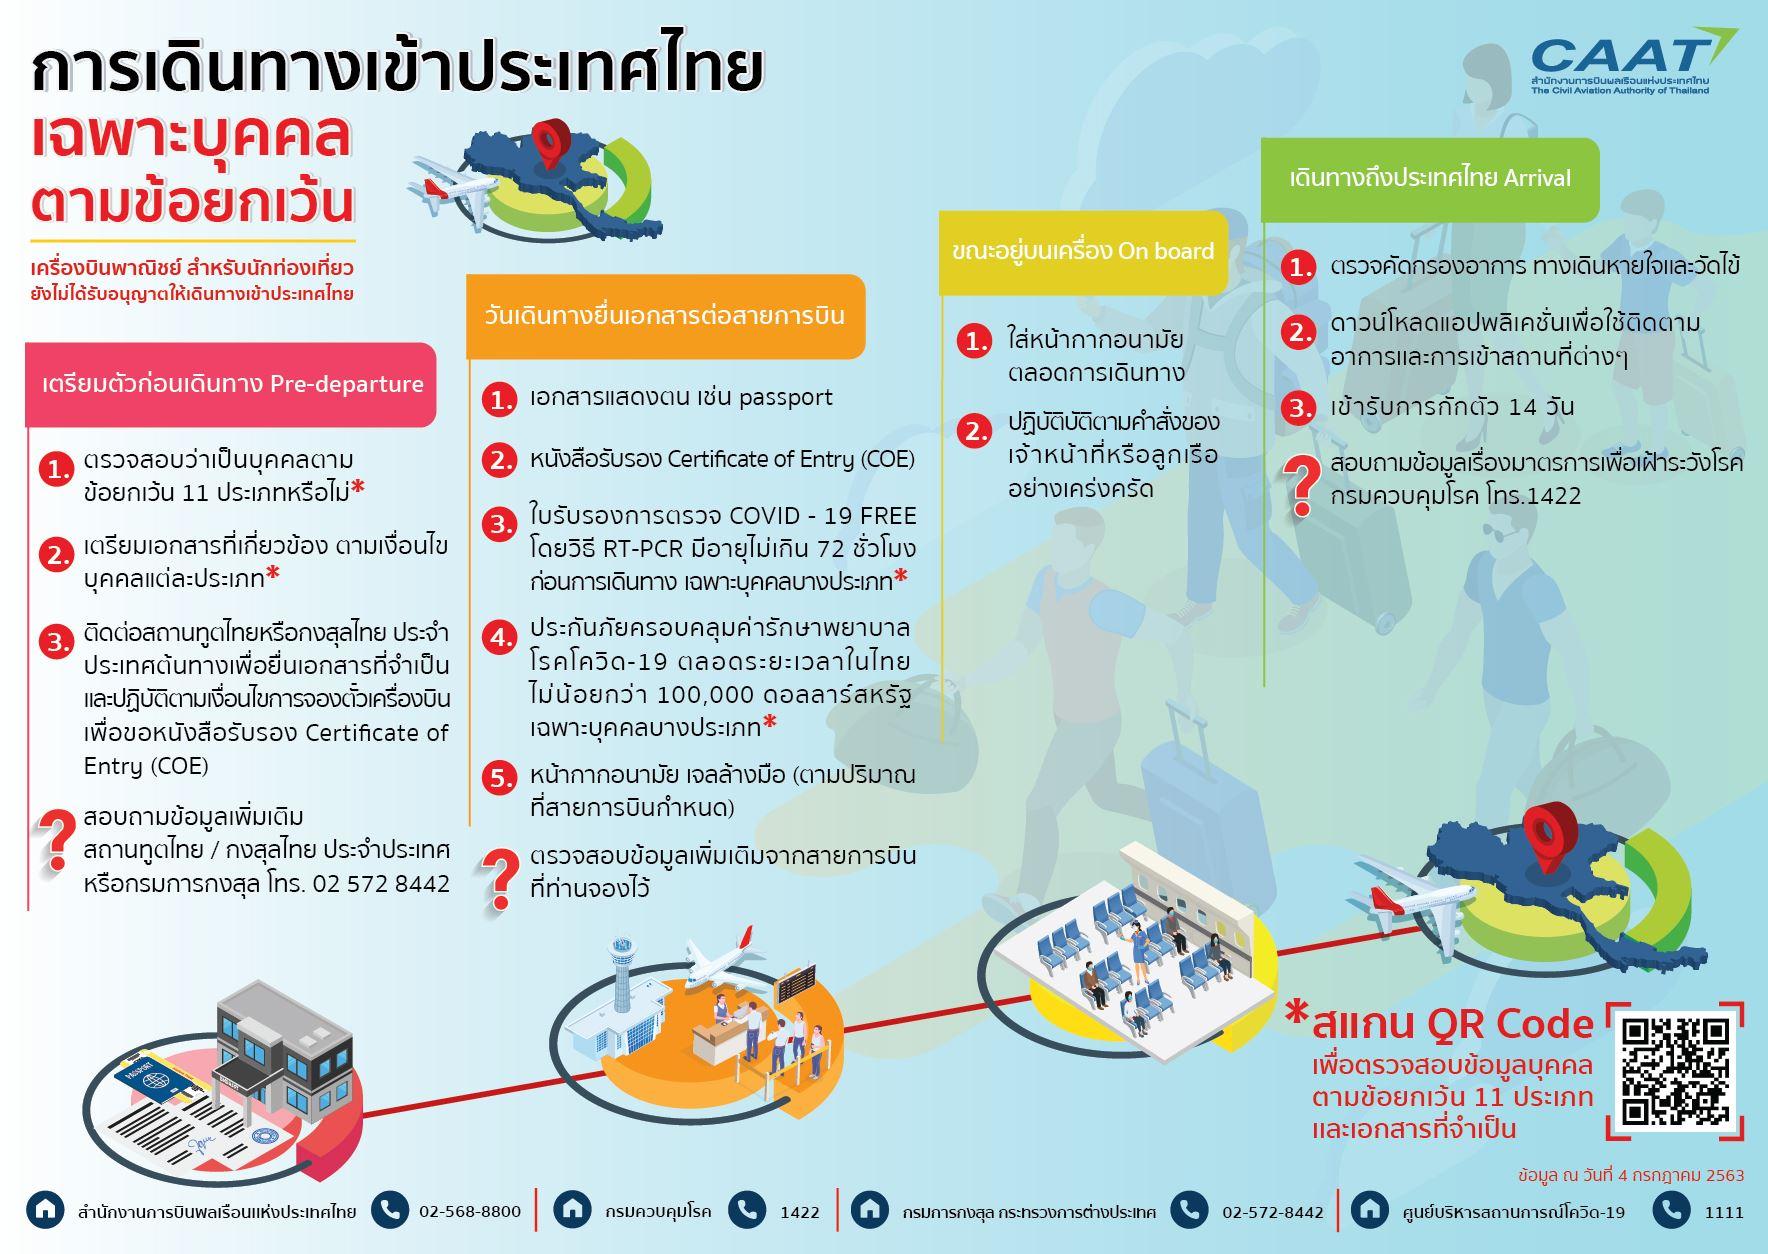 [สรุป!] การบินเข้า-ออกประเทศไทย 11 กลุ่มเงื่อนไขต้องทำอย่างไร?